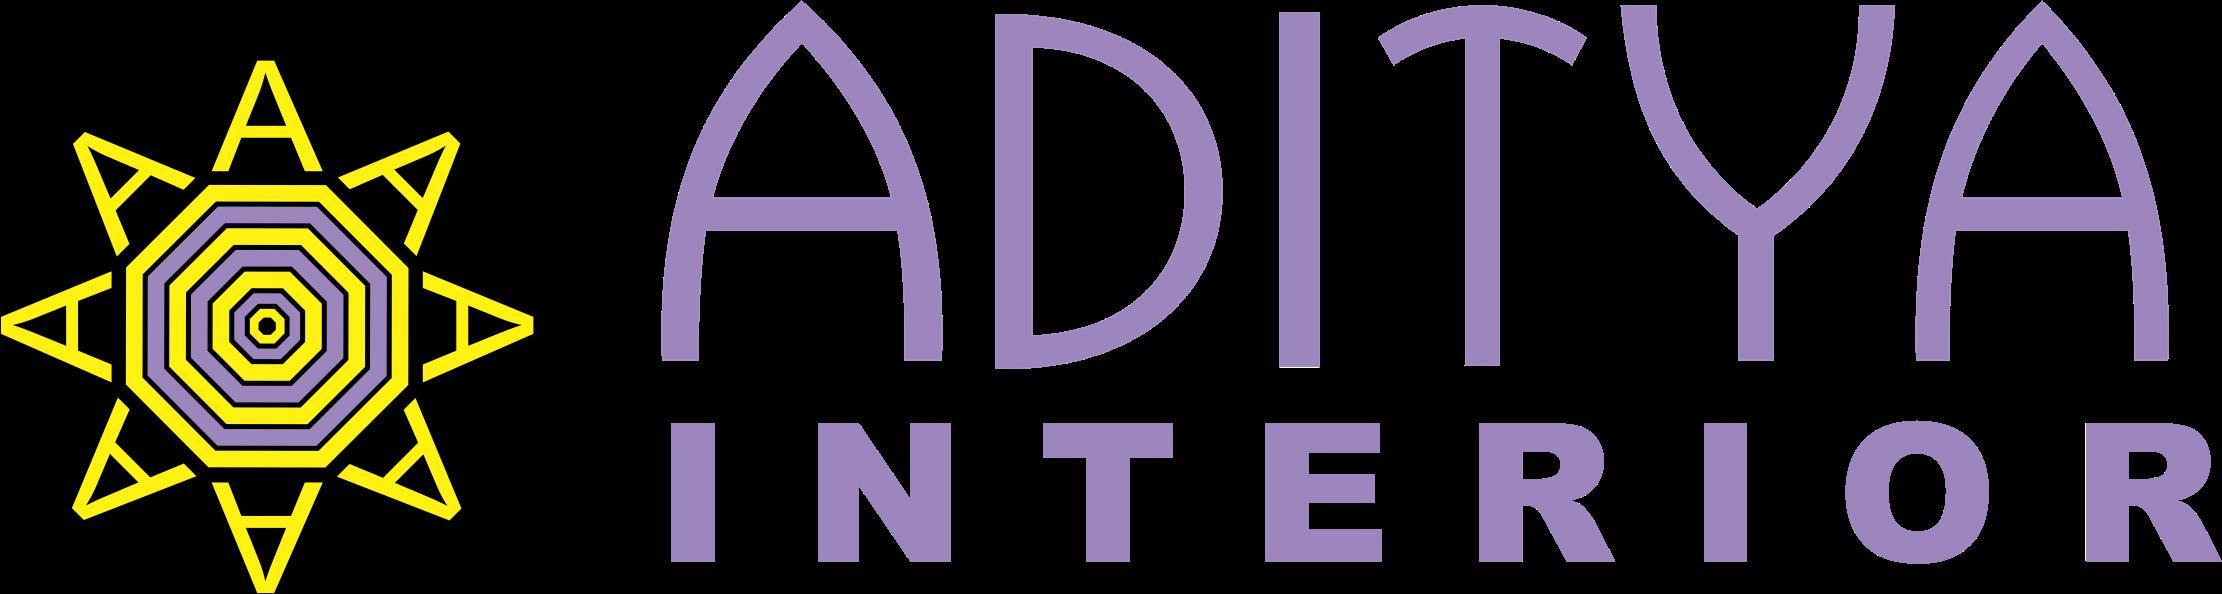 aditya interior logo - by Aditya Interior, Pune